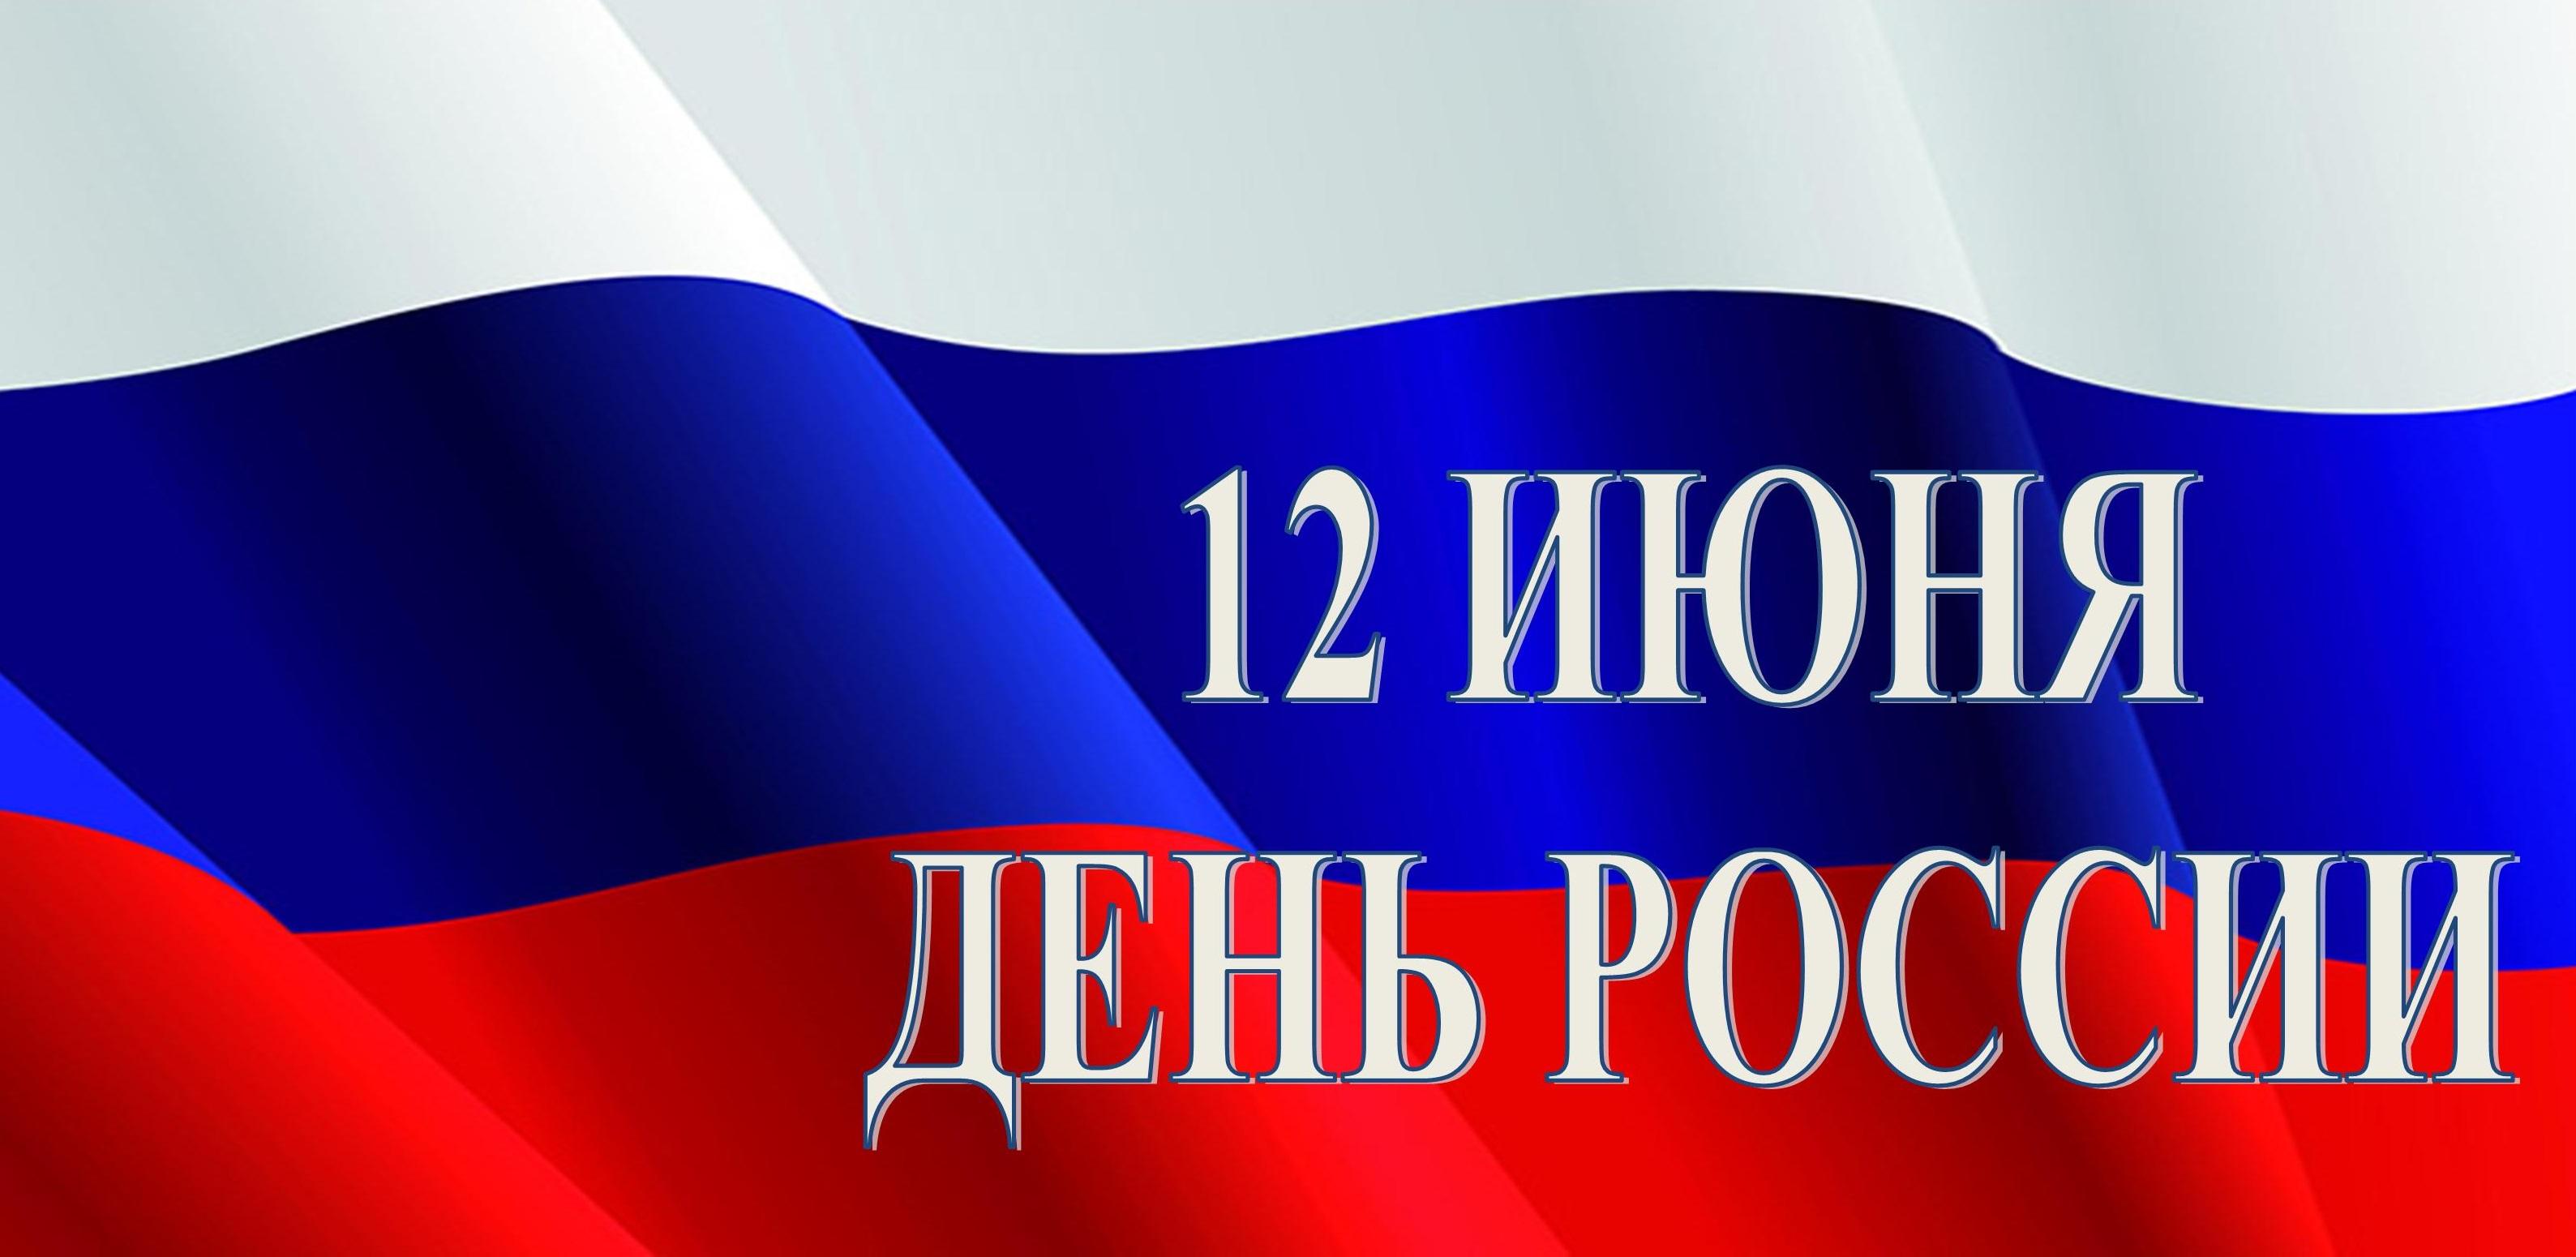 Выходных, открытки на день россии распечатать